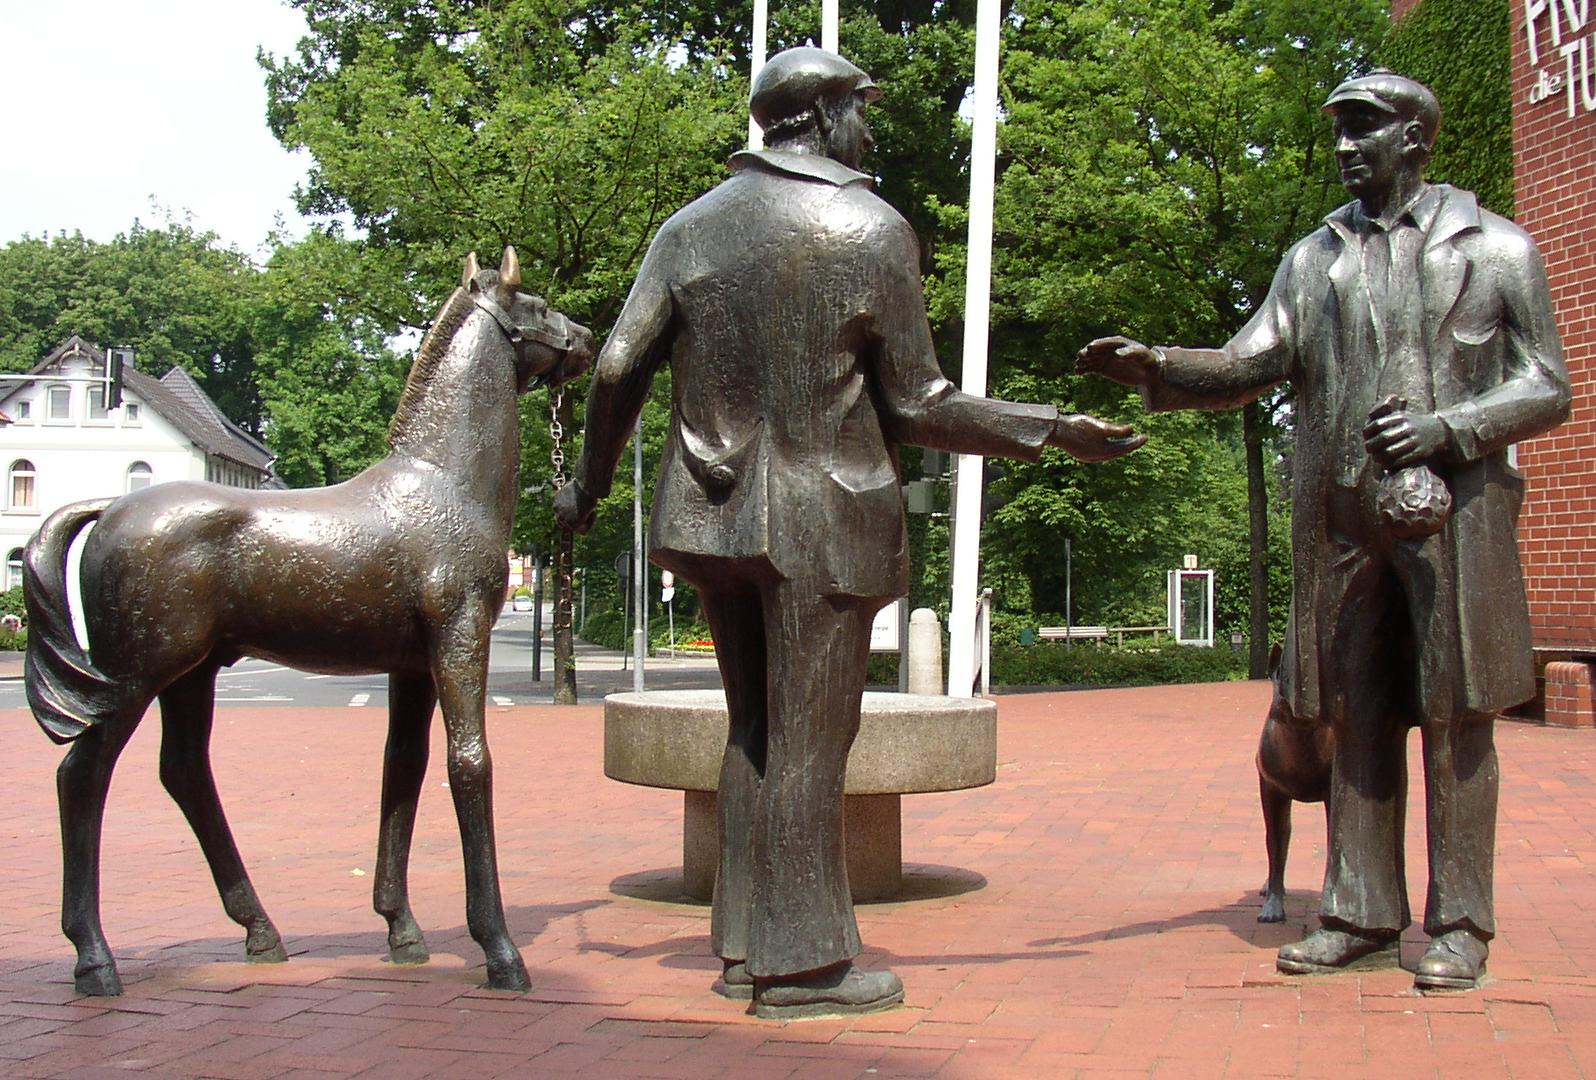 Horse Traders; image by Doris Antony